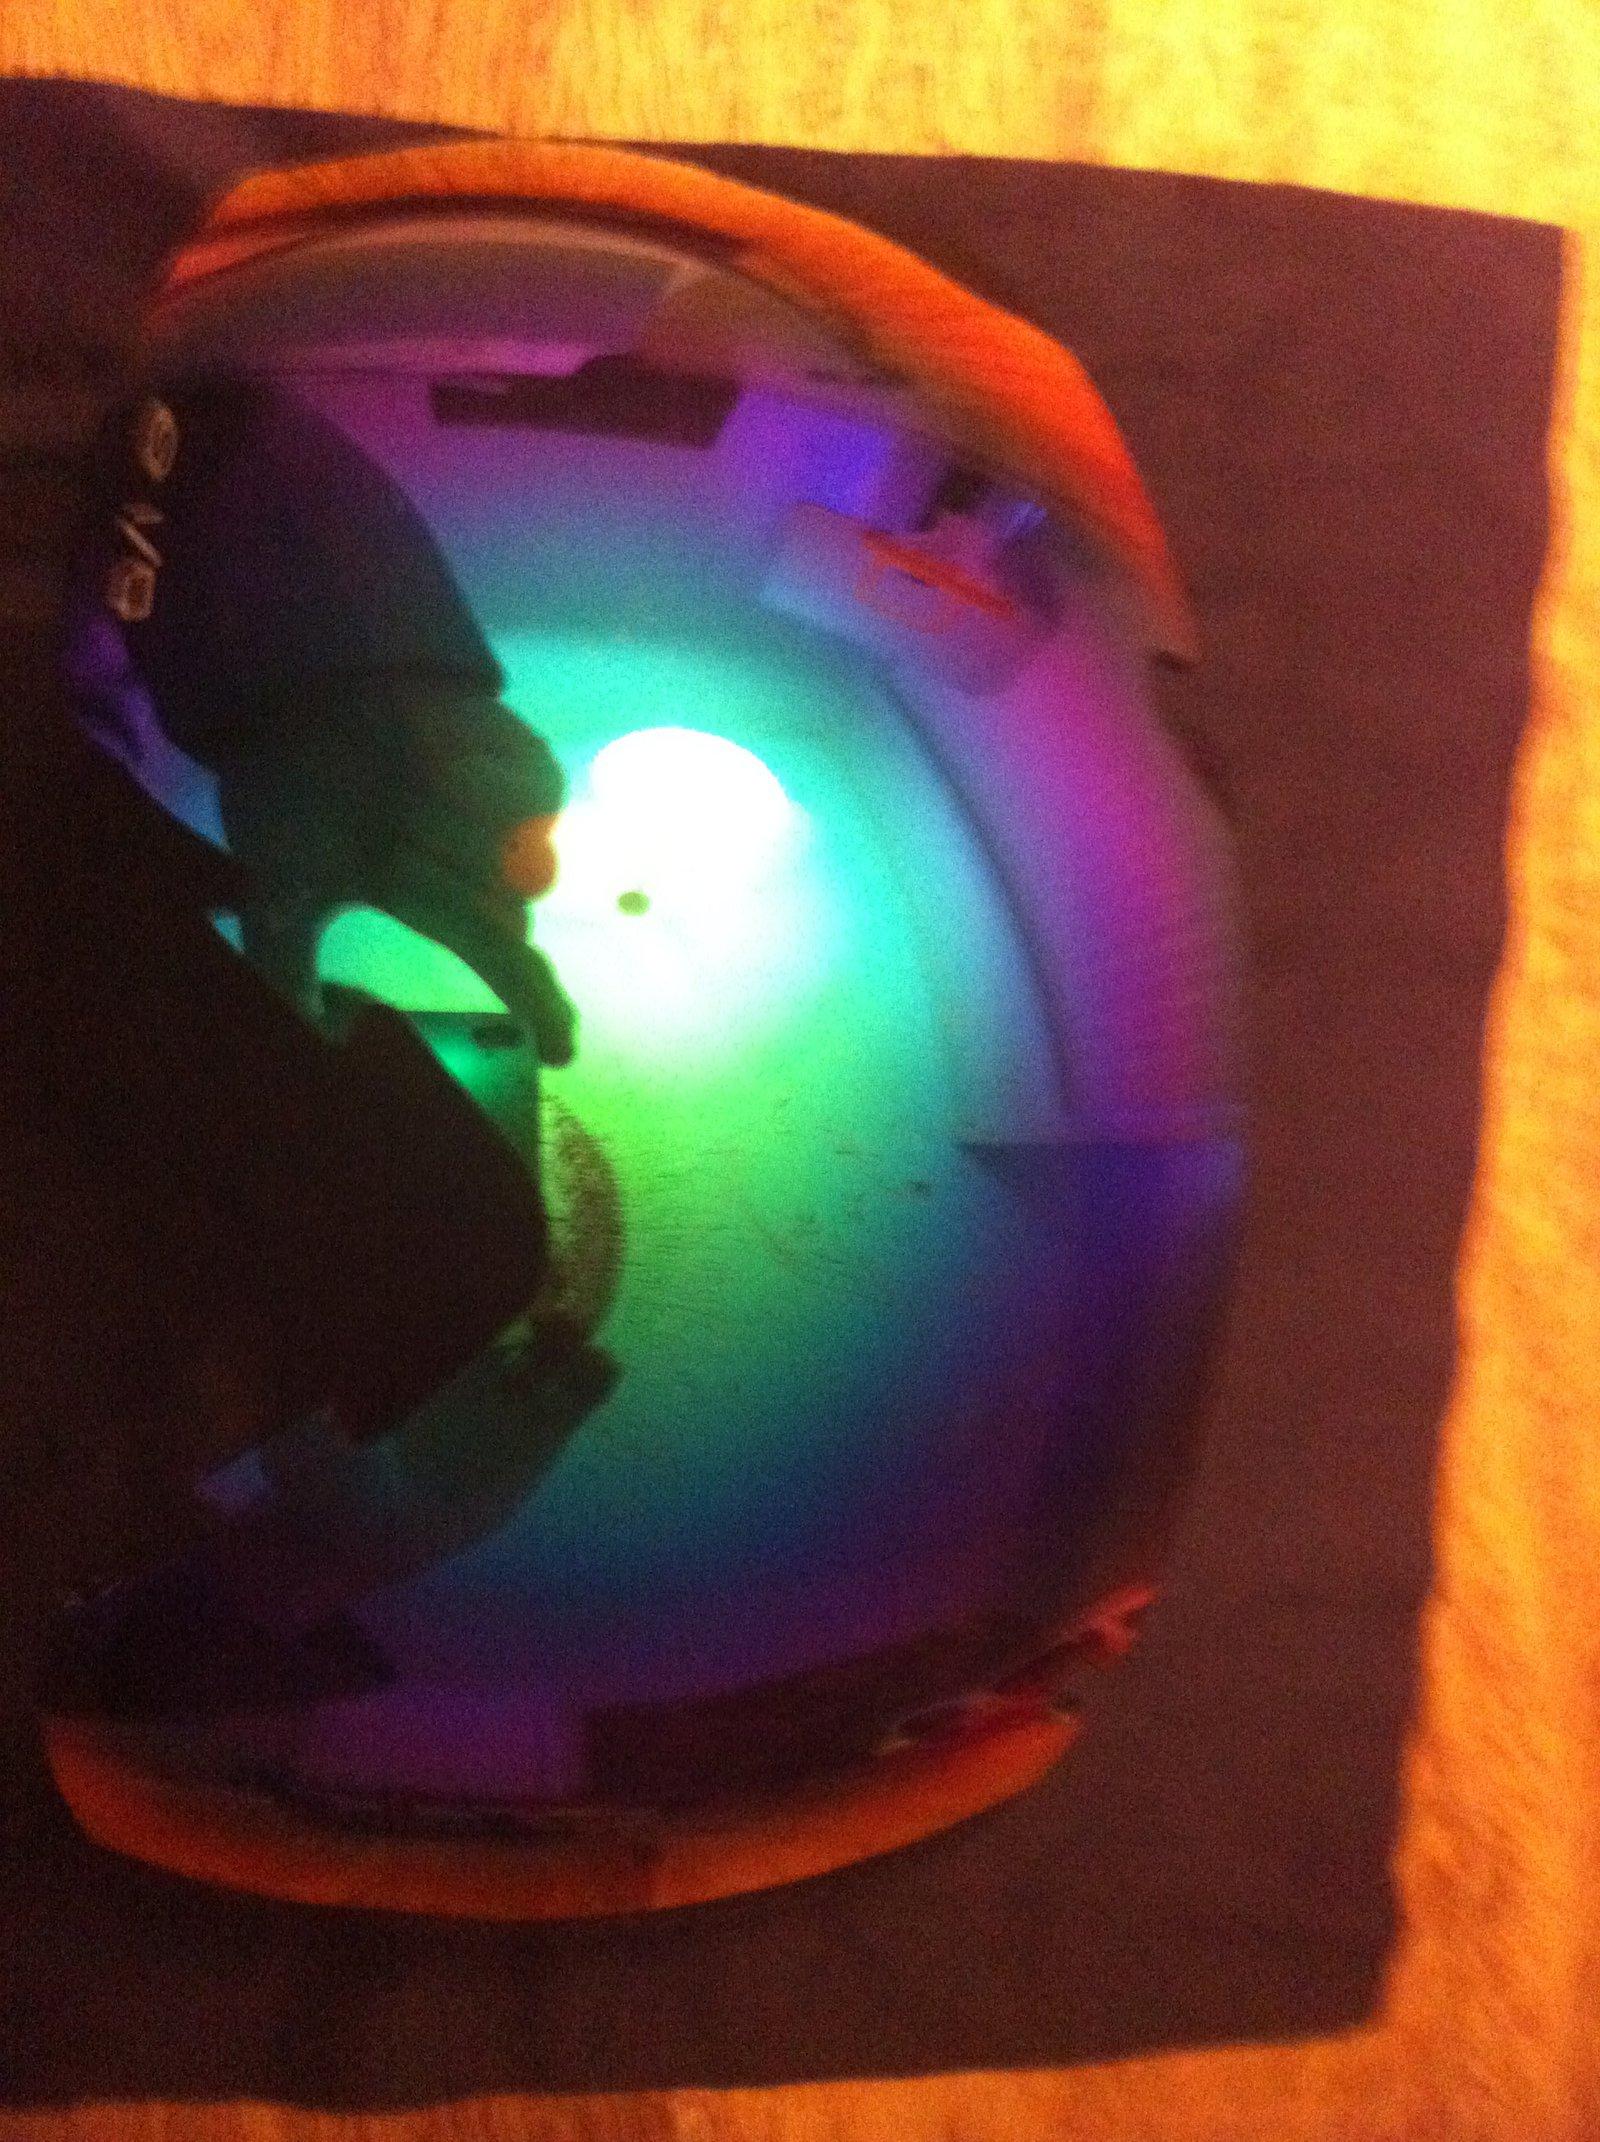 FS io's lens